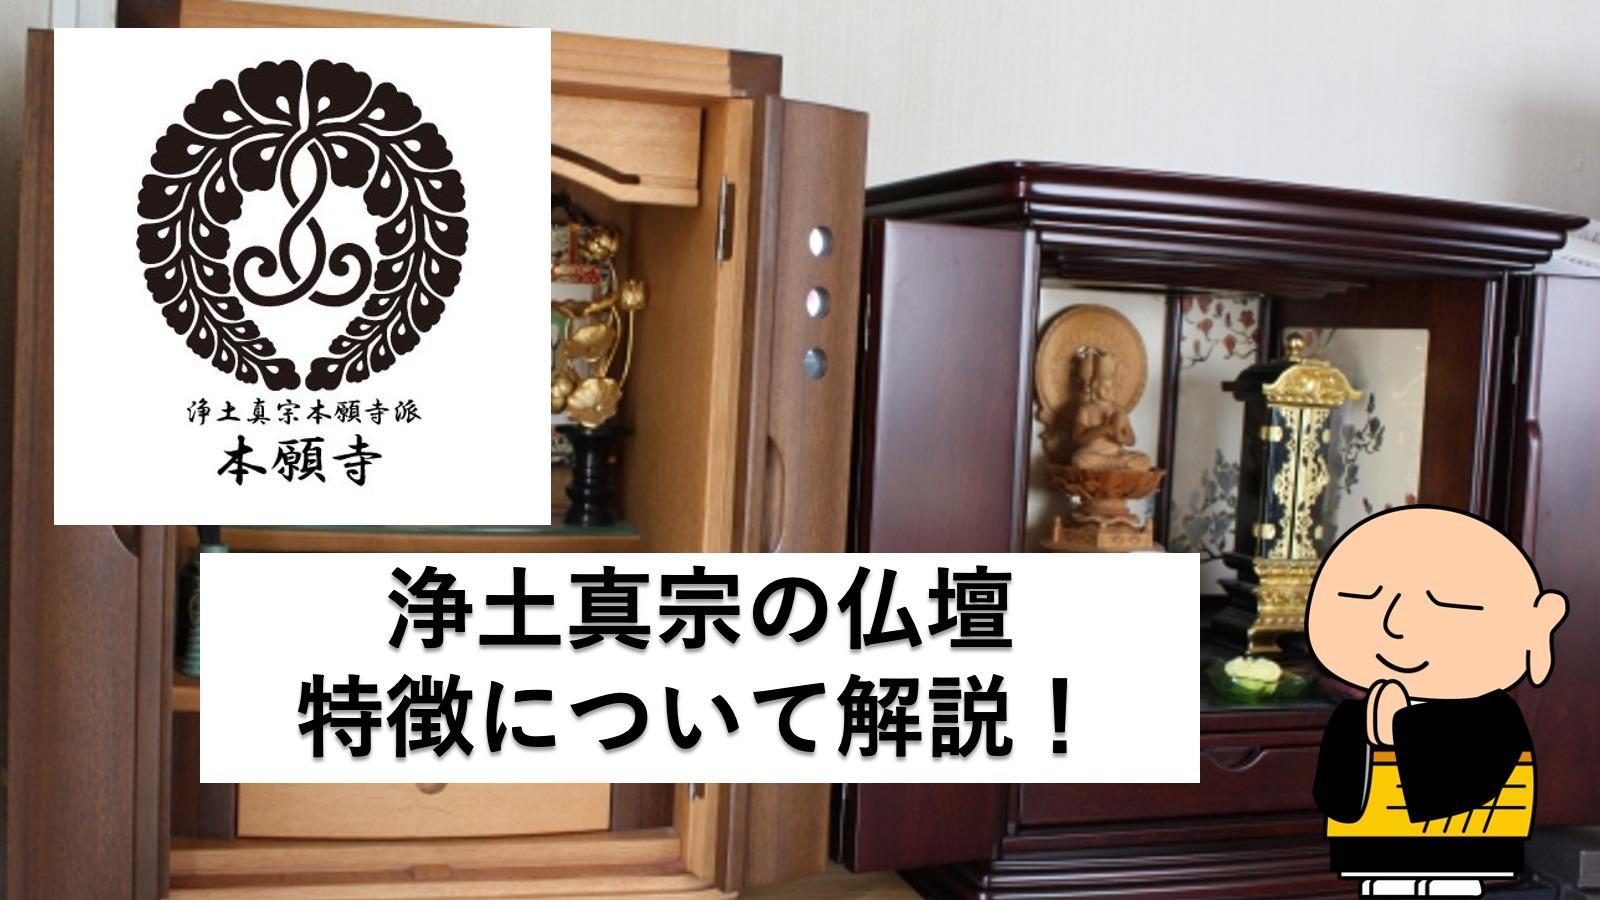 浄土真宗の仏壇の特徴とは?仏壇の飾り方や向き、お供えものに注意!